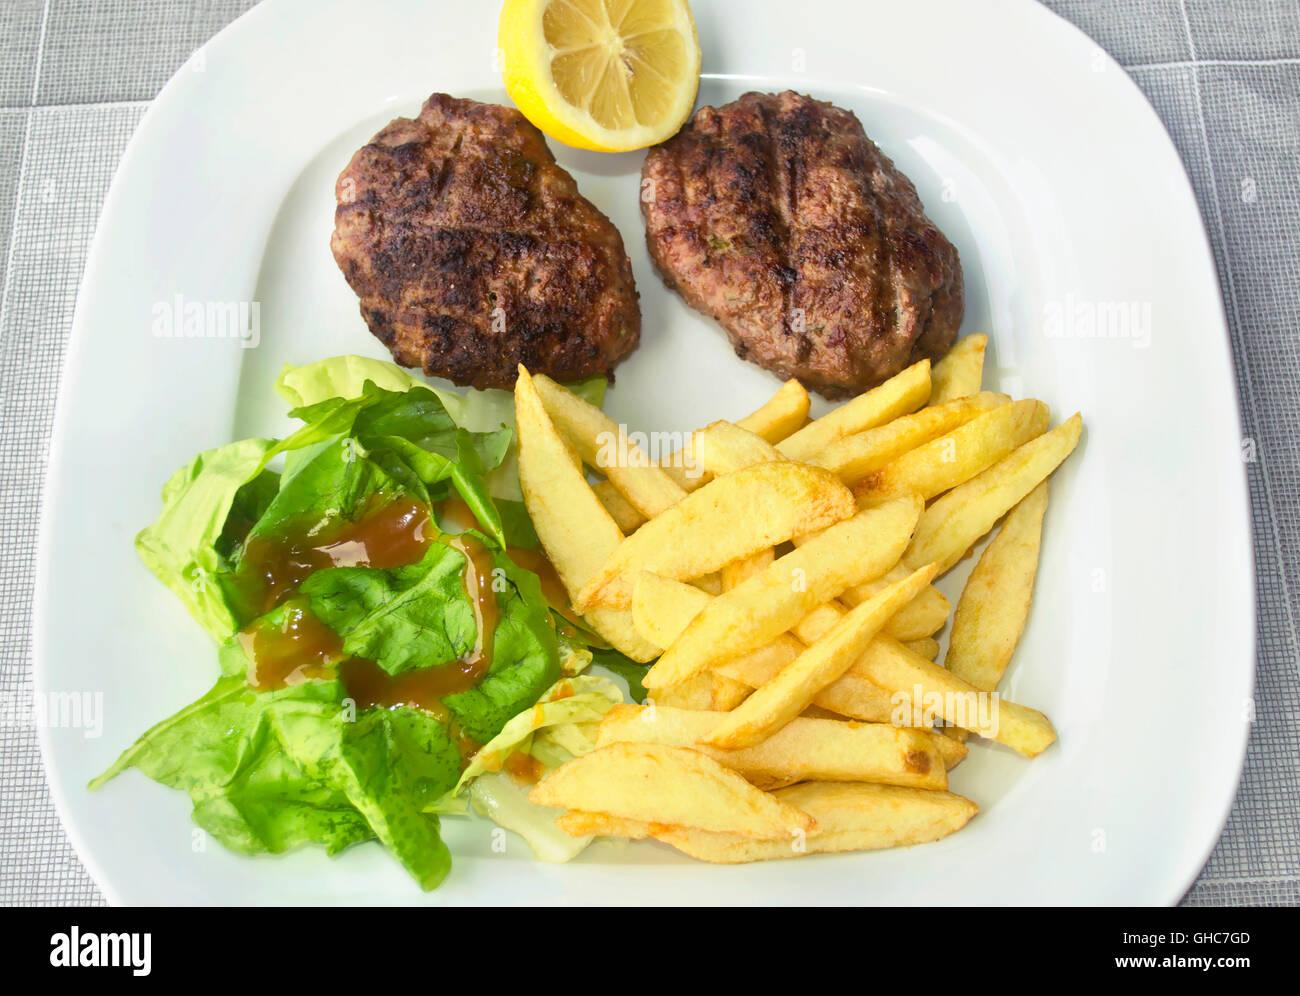 Hamburger grillé avec des frites de pommes de terre - la nourriture grecque Banque D'Images